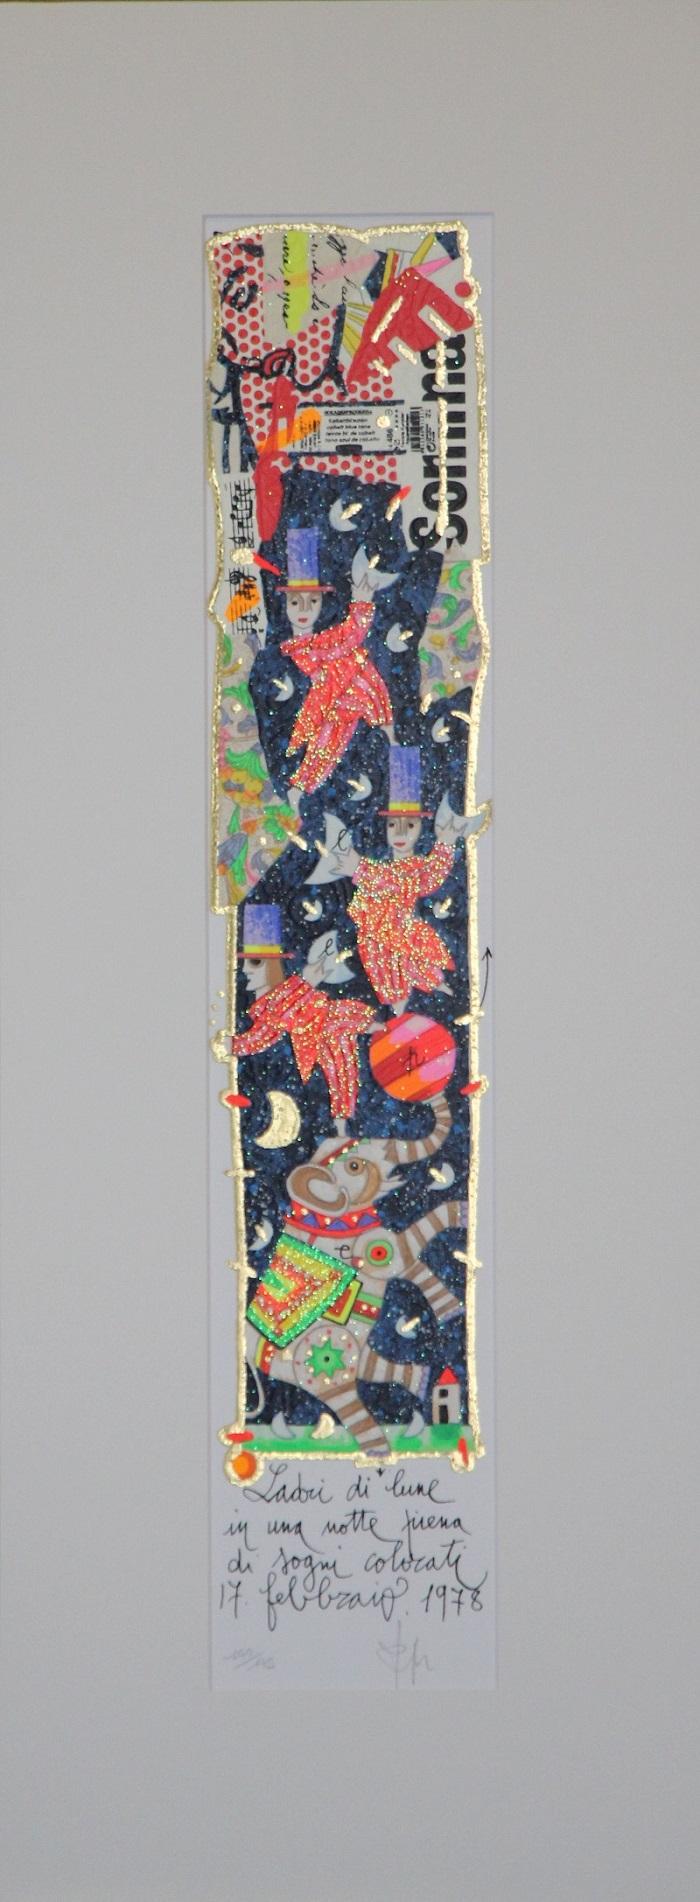 """""""Ladri di lune..."""" serigrafia polimaterica con interventi in glitter cm. 10x50"""